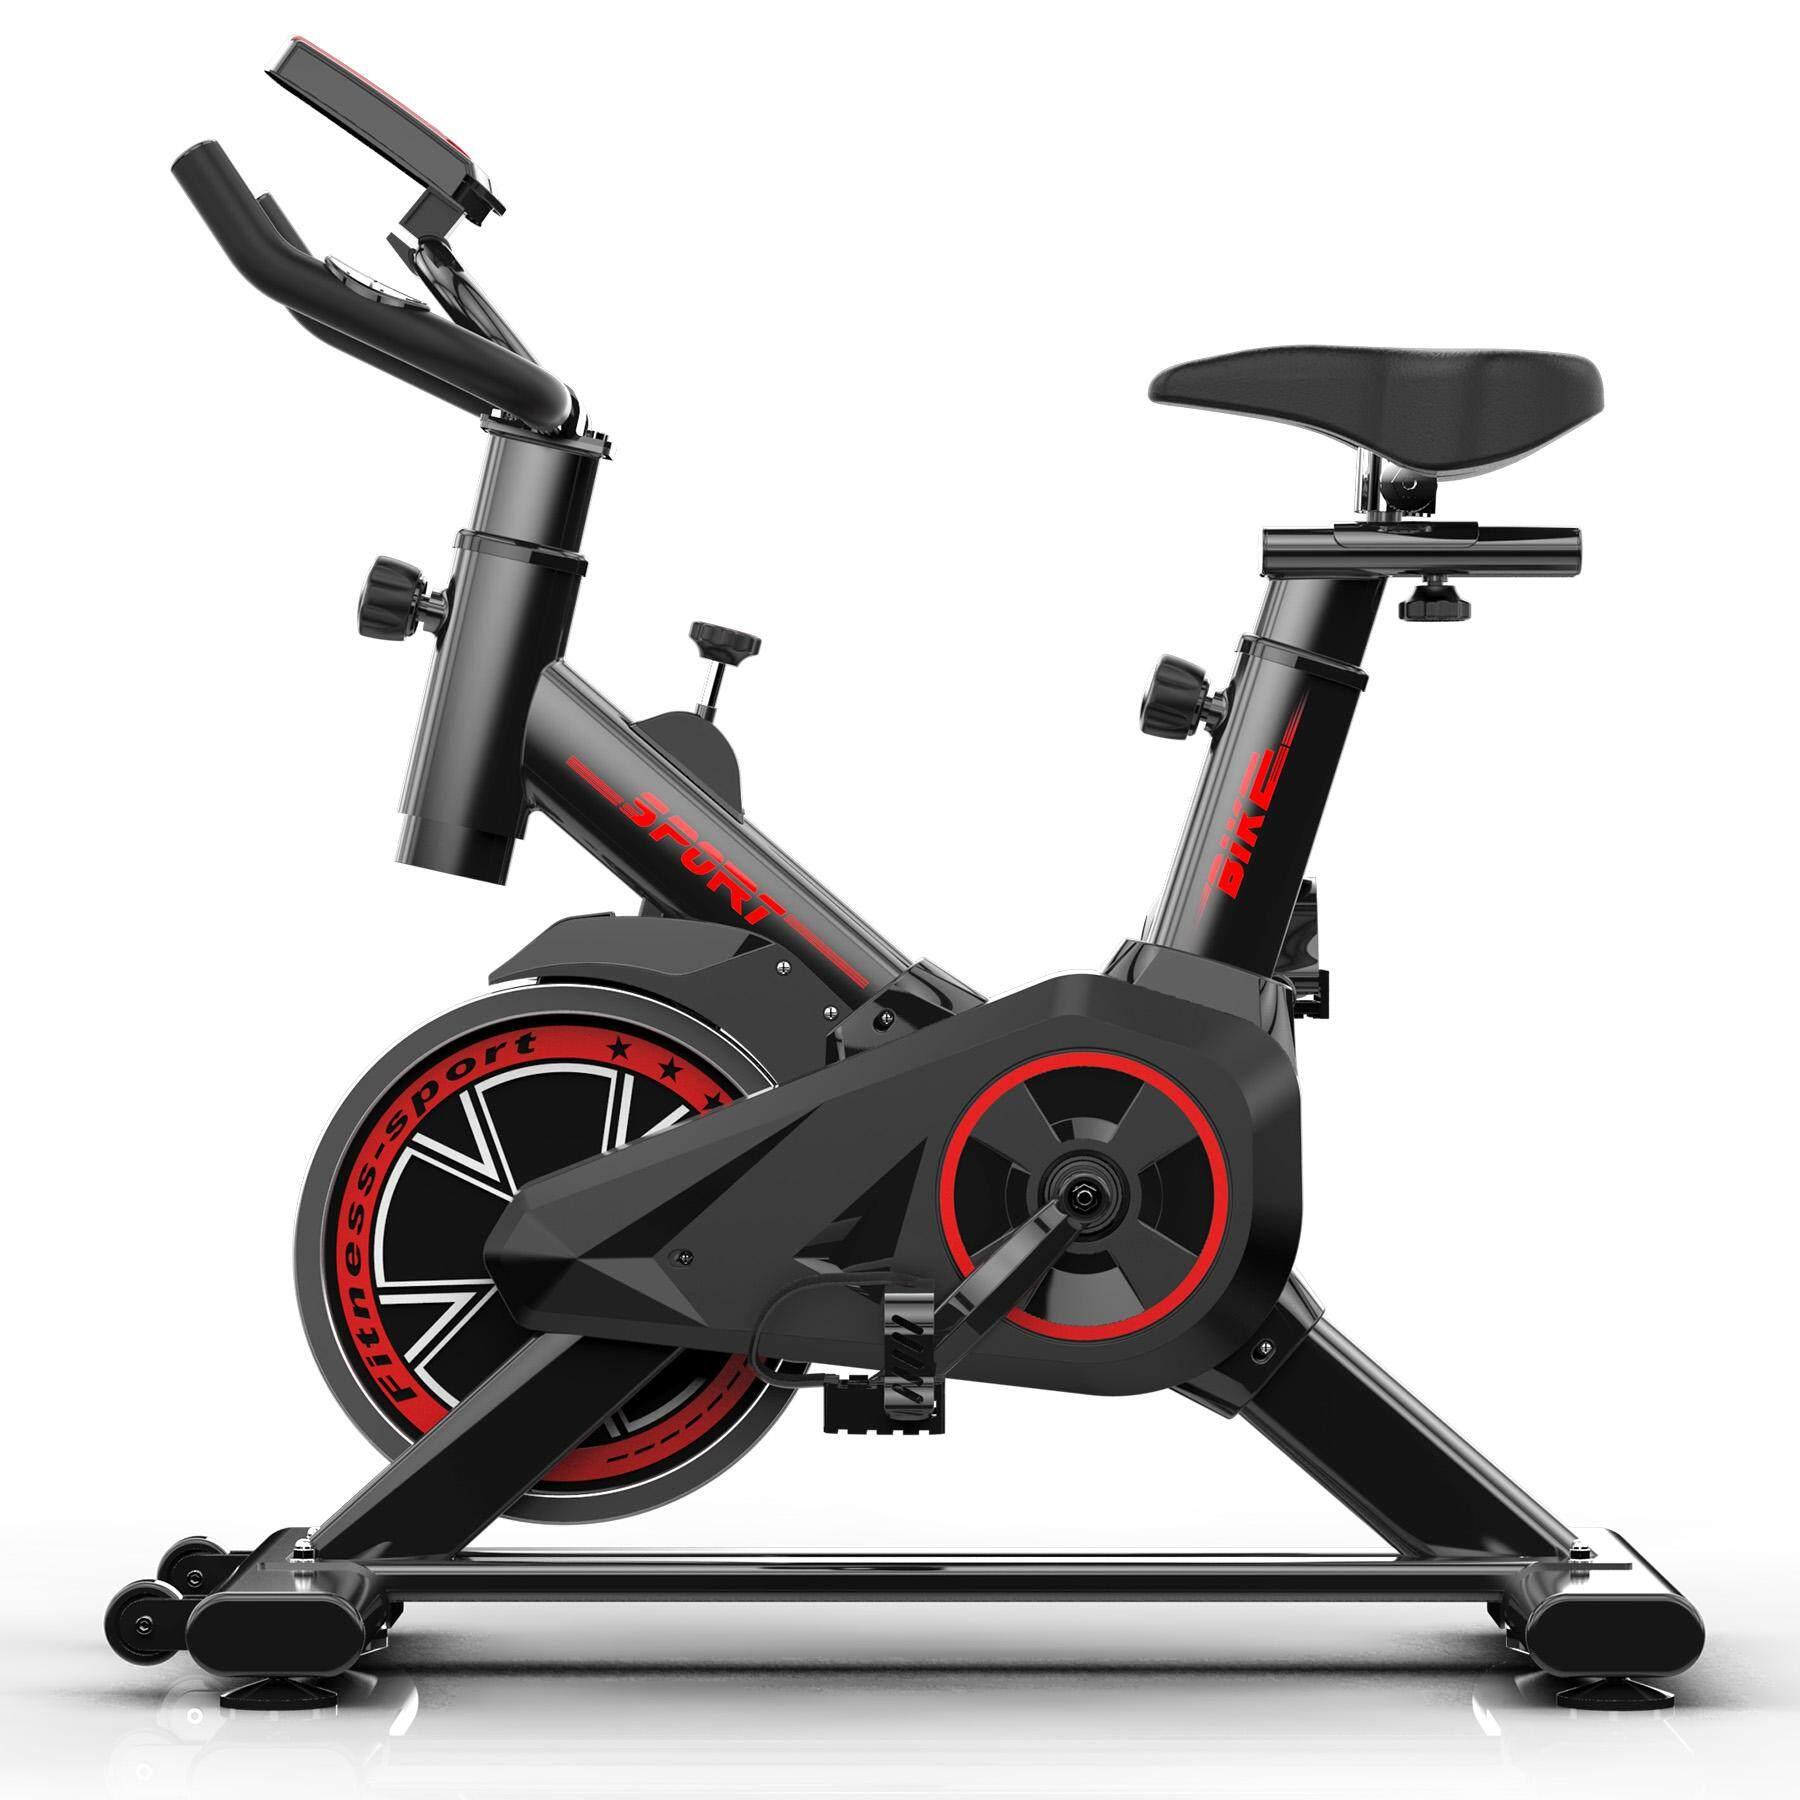 สอนใช้งาน จักรยานออกกำลังกาย Exercise Spin Bike จักรยานฟิตเนส Spinning Bike SpinBike  เครื่องปั่นจักรยาน S2019D